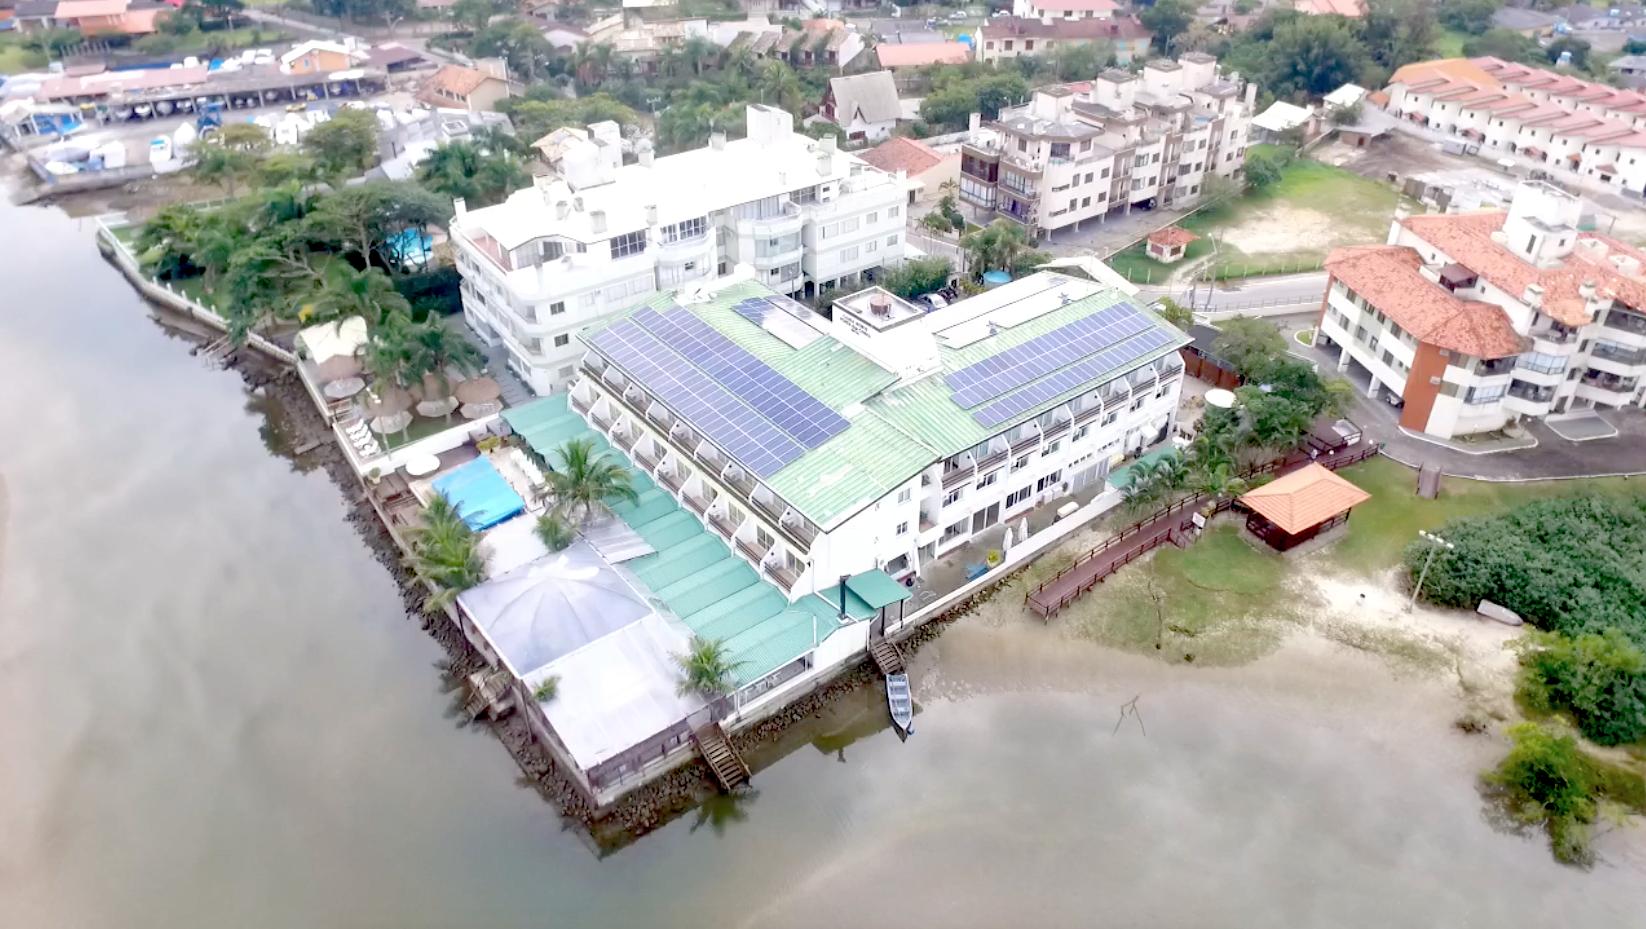 hotel-costa-norte-projeto-solar5